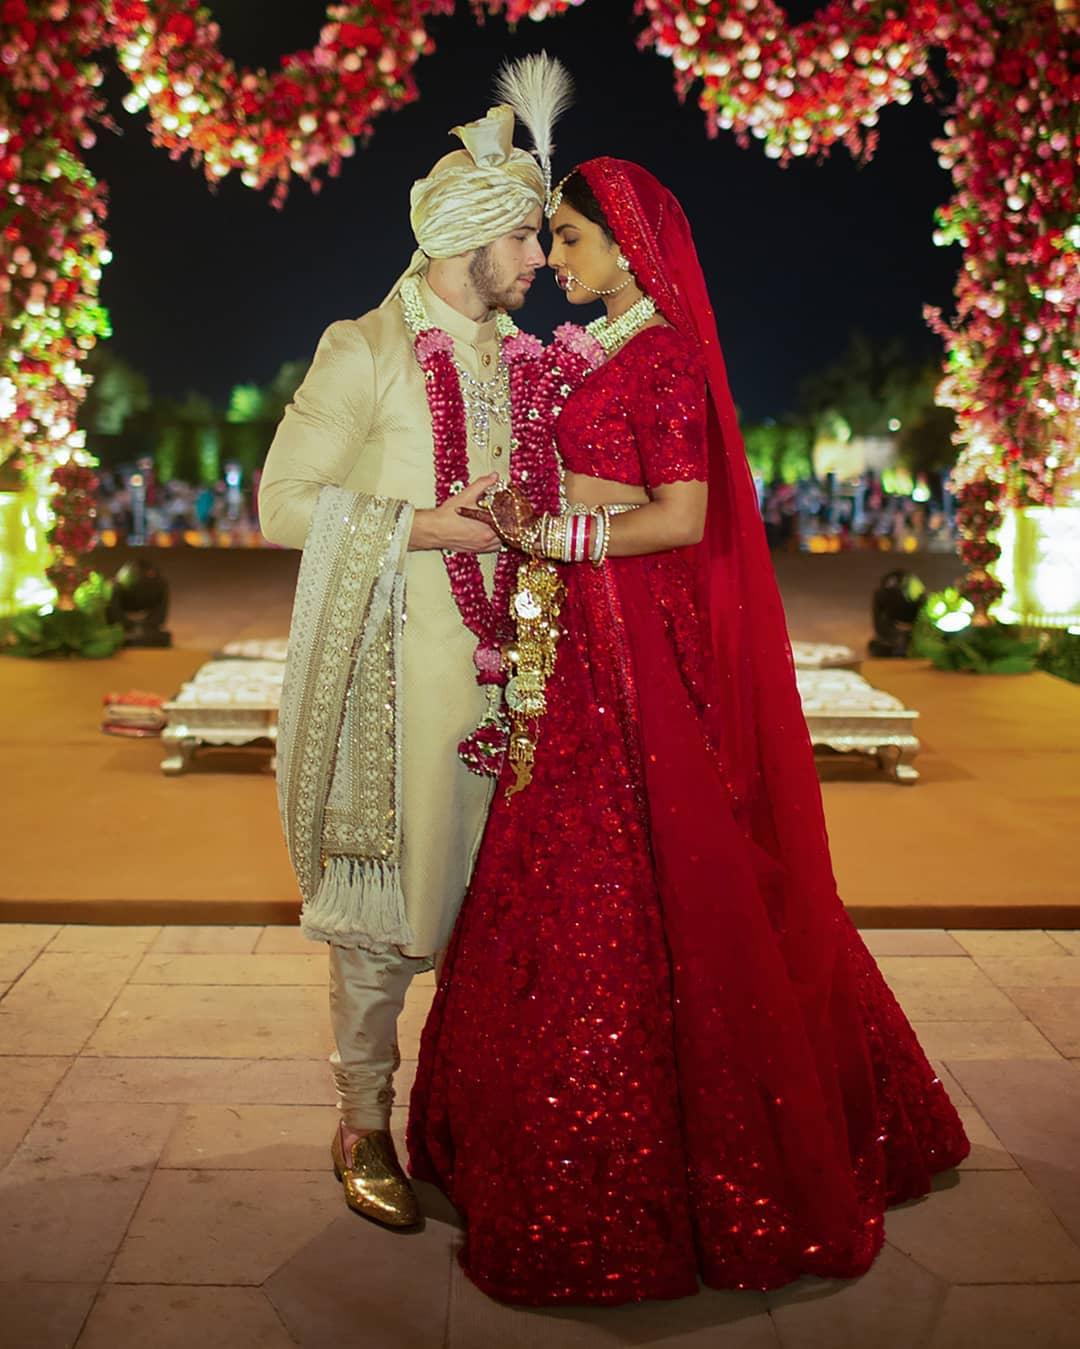 بريانكا فى حفل الزفاف على الطريقة الهندية